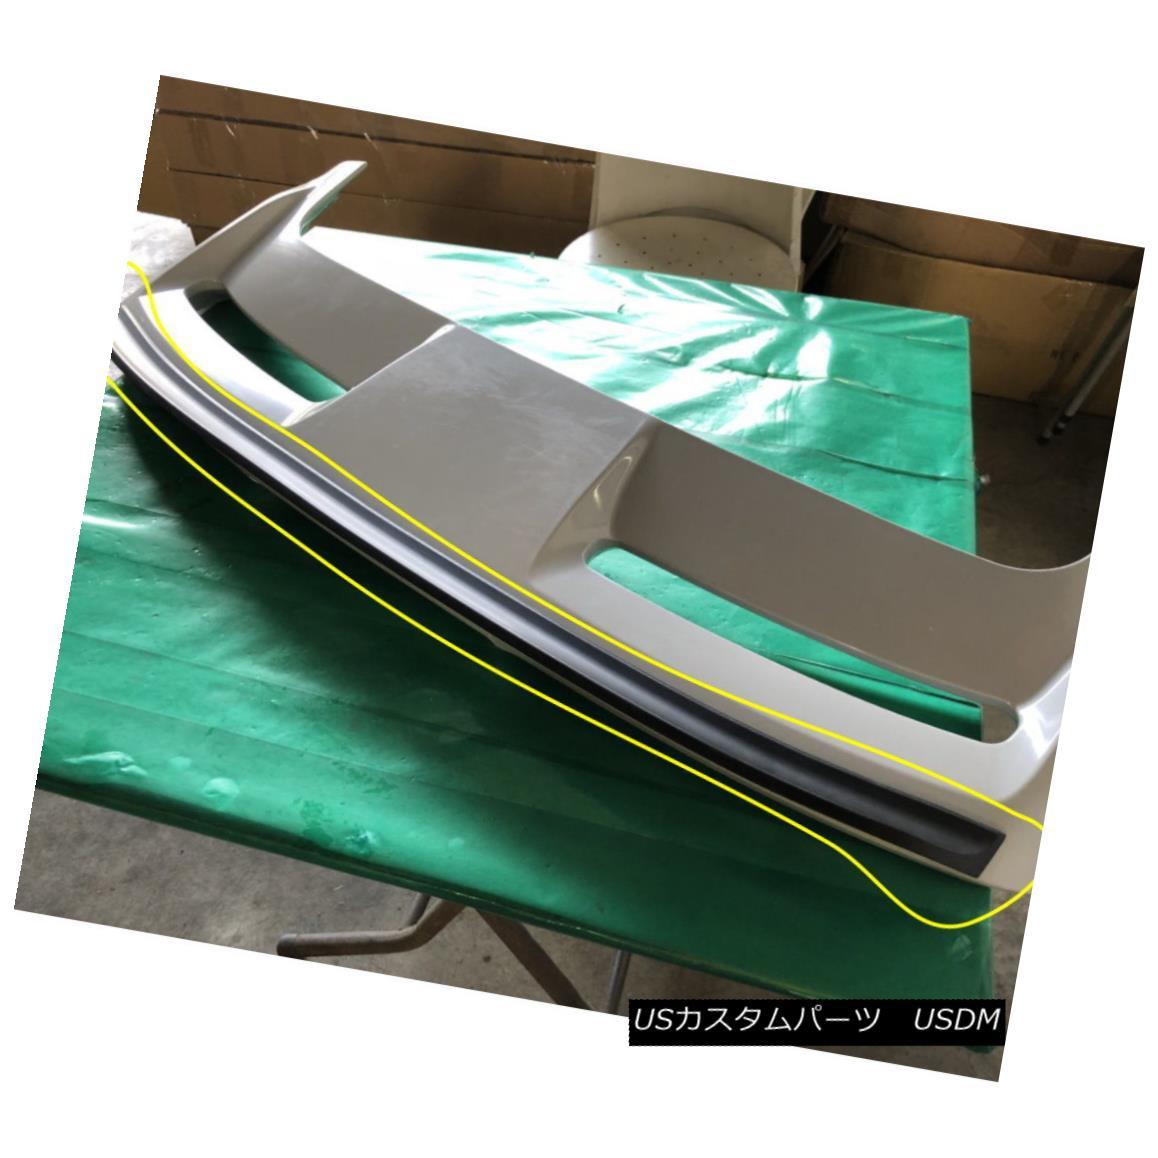 エアロパーツ Painted 244SG Add-on ST Rear Trunk Spoiler For 11~18 Ford Focus MK3 Hatchback 塗装済み244SGアドオンSTリアトランク・スポイラー11?18用Ford Focus MK3ハッチバック